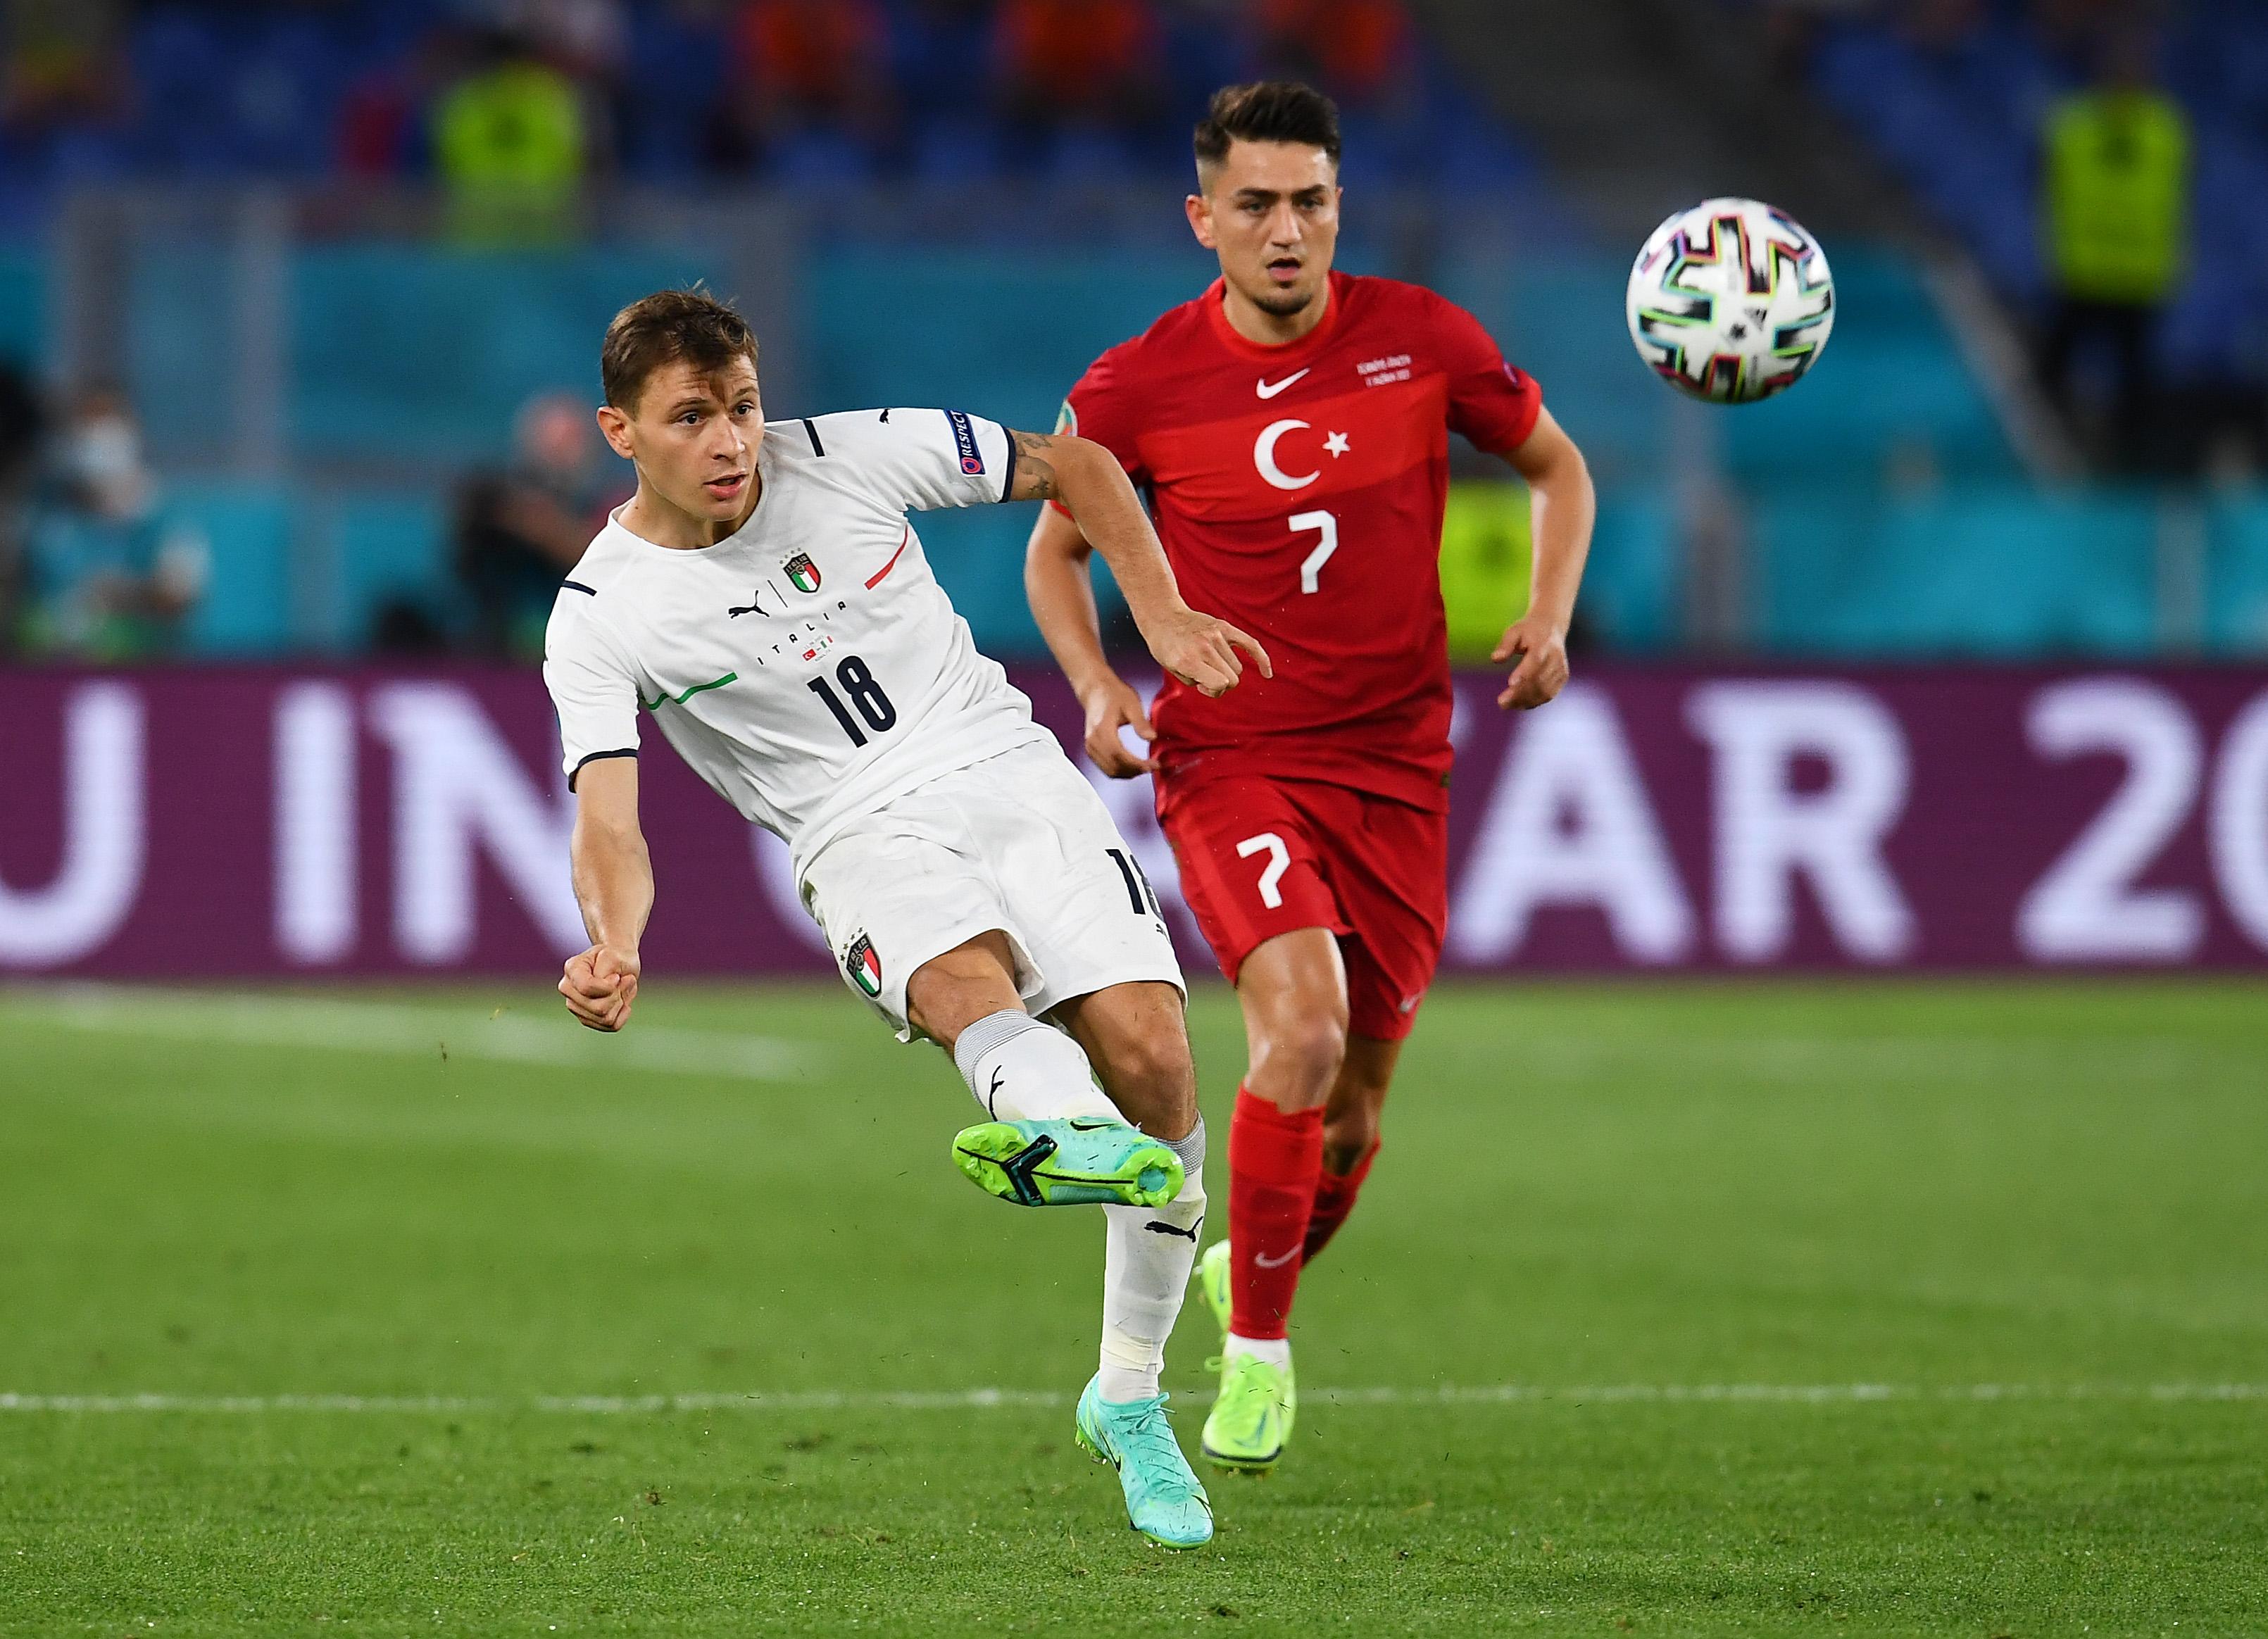 Italia Turchia 3-0 Euro 2020 Roma Tuttoitalia